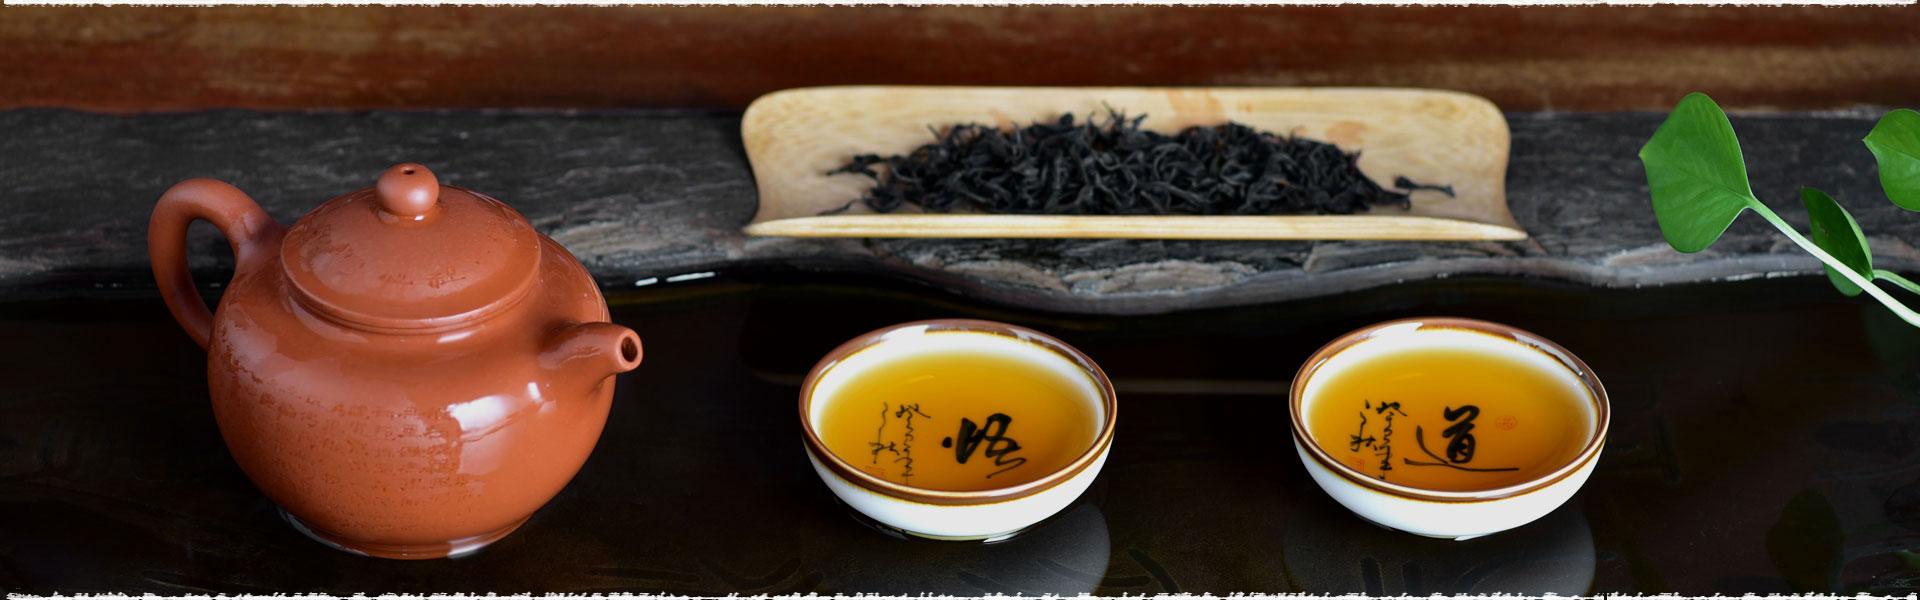 La fabrication du thé noir de Chine.